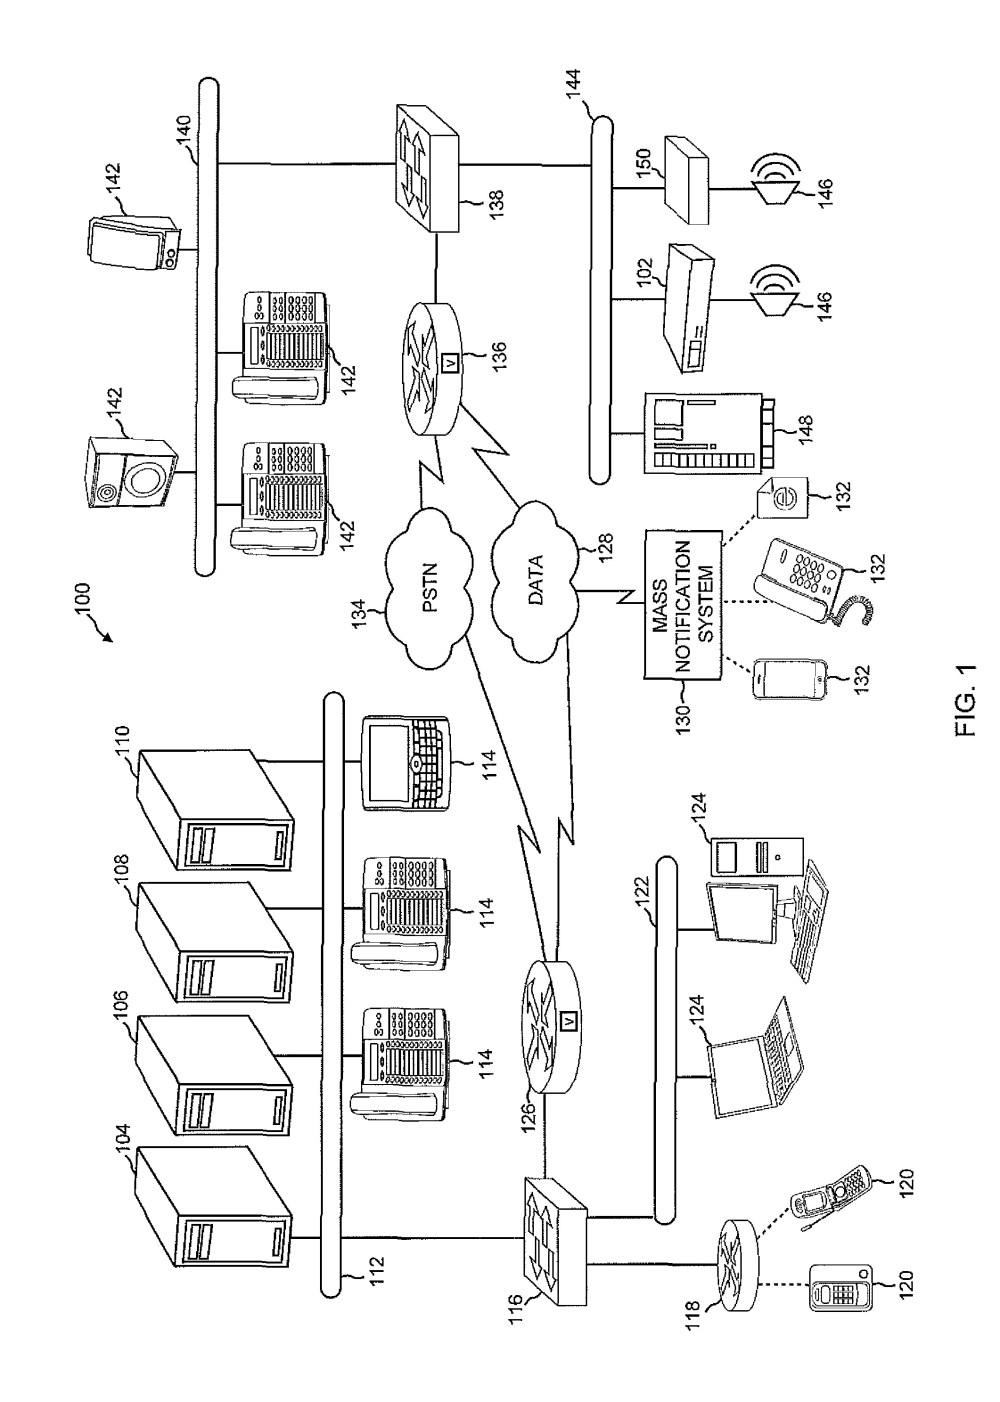 medium resolution of valcom paging horn wiring diagram val paging horn wiring diagram download val paging horn wiring